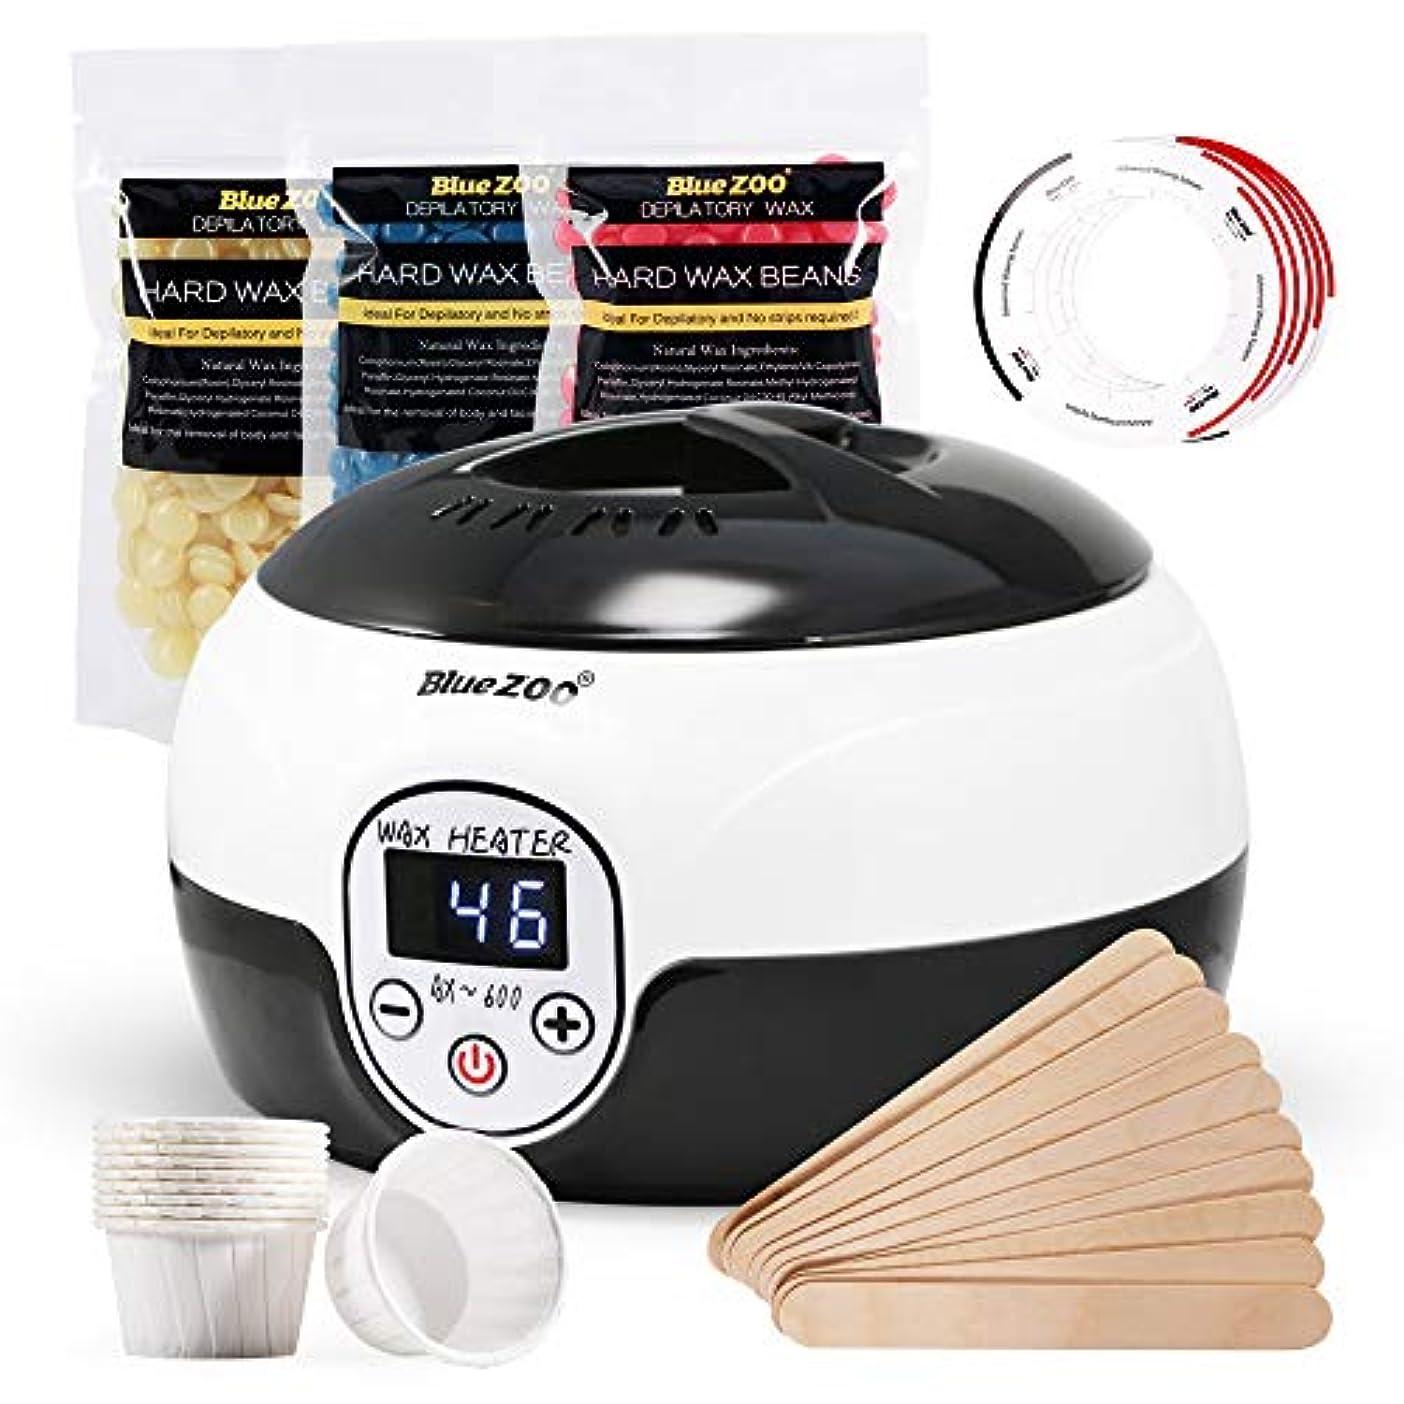 フィールドチャップパラメータBlueZOO Home Waxing Kit Wax Warmer for Body Face Bikini Area Legs Hair Removal with 3 Packs of Hard Wax Beans and 10 Wax Applicator Sticks 141[並行輸入]